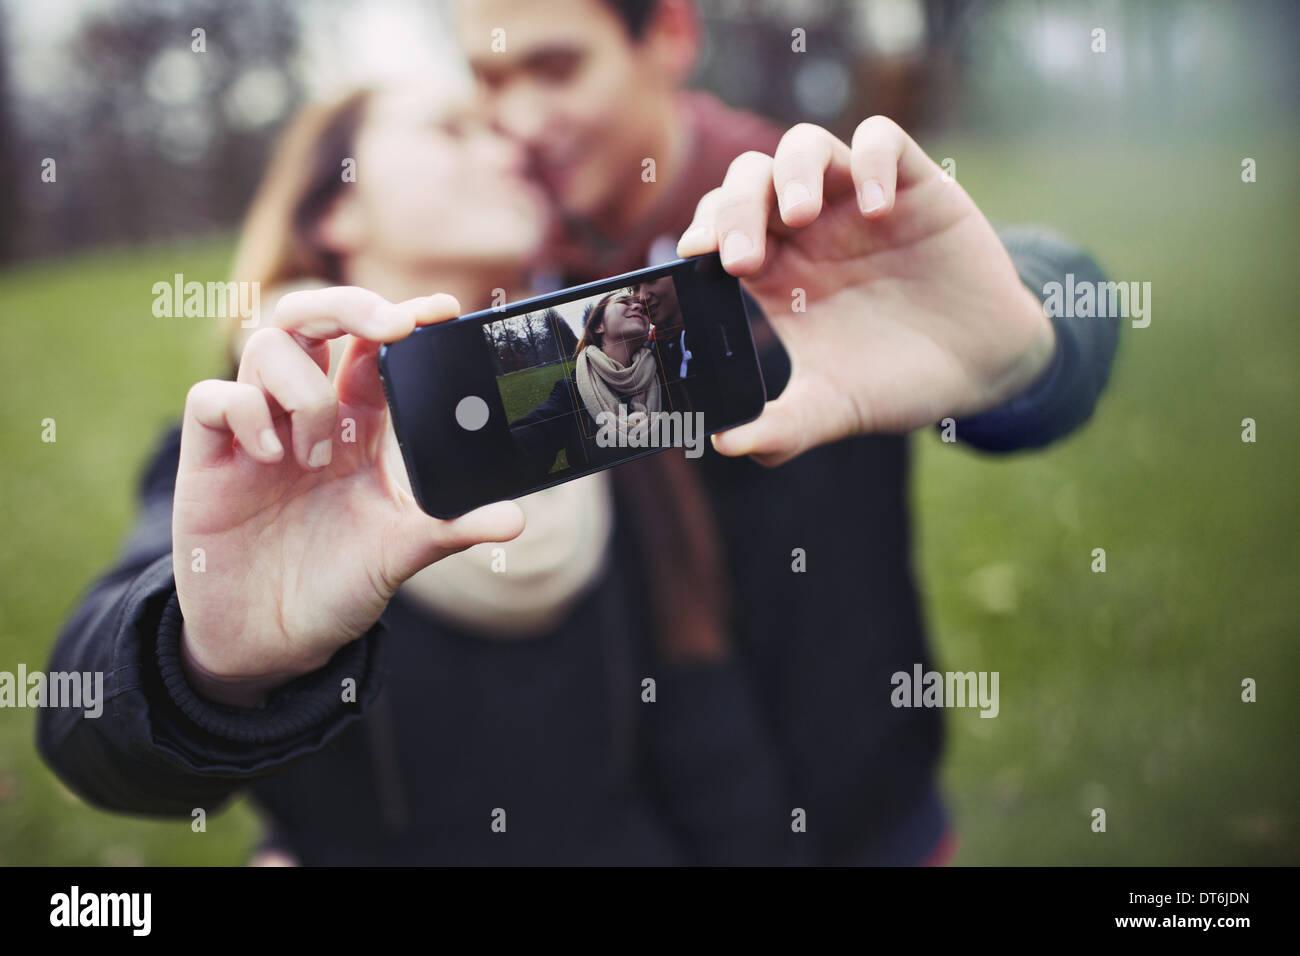 Romántica pareja de adolescentes tomando autorretrato con celular en el parque. Joven y de la mujer en el amor. Imagen De Stock